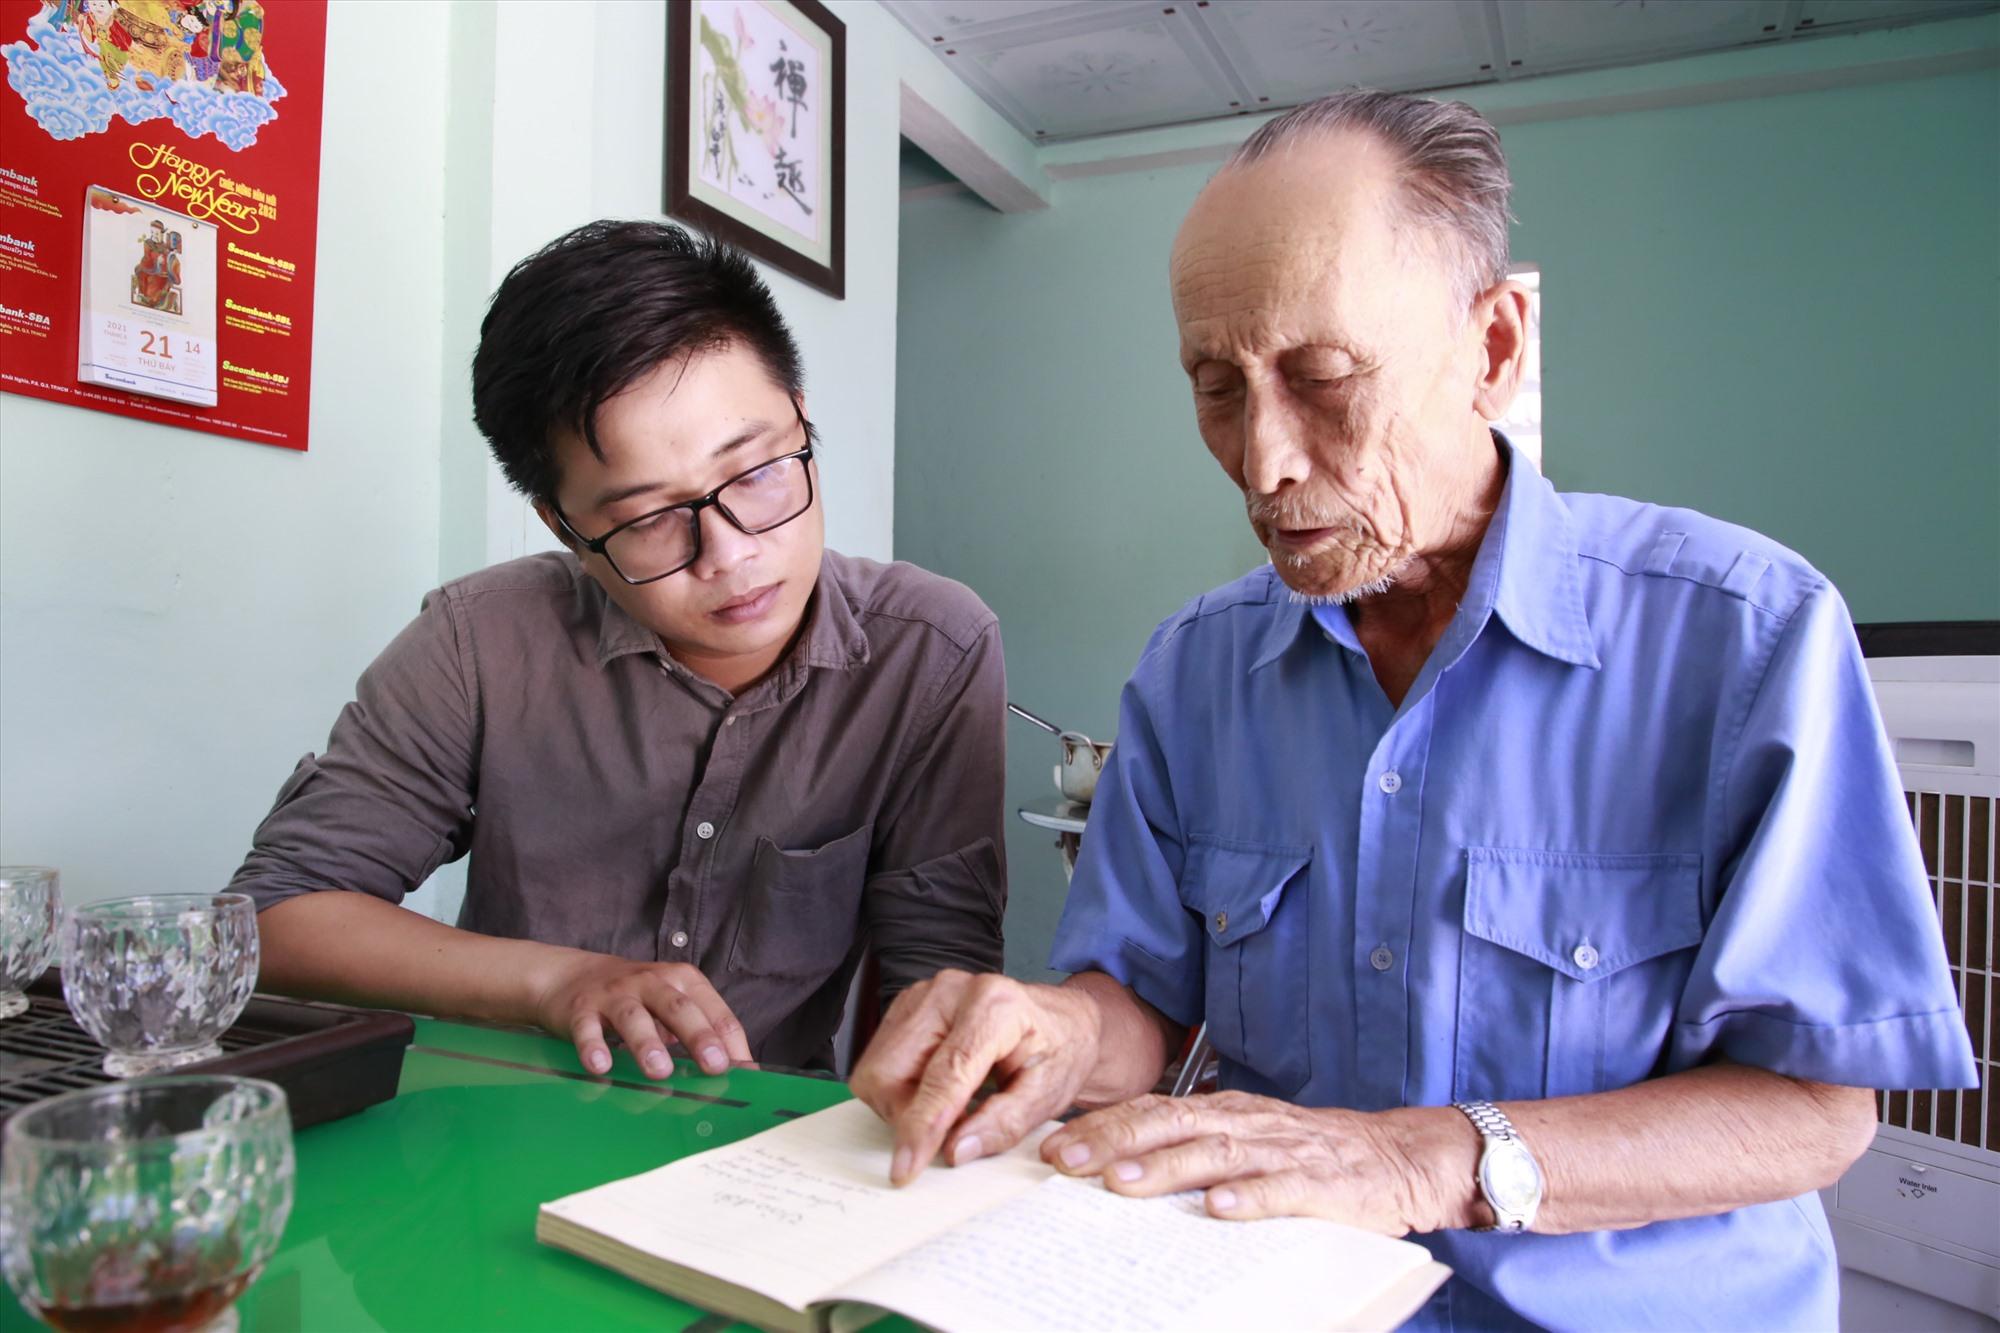 Quãng đời hoạt động cách mạng được ông Lang chép lại bằng thơ, trong cuốn sổ tay luôn giữ cẩn thận. Ảnh: T.C